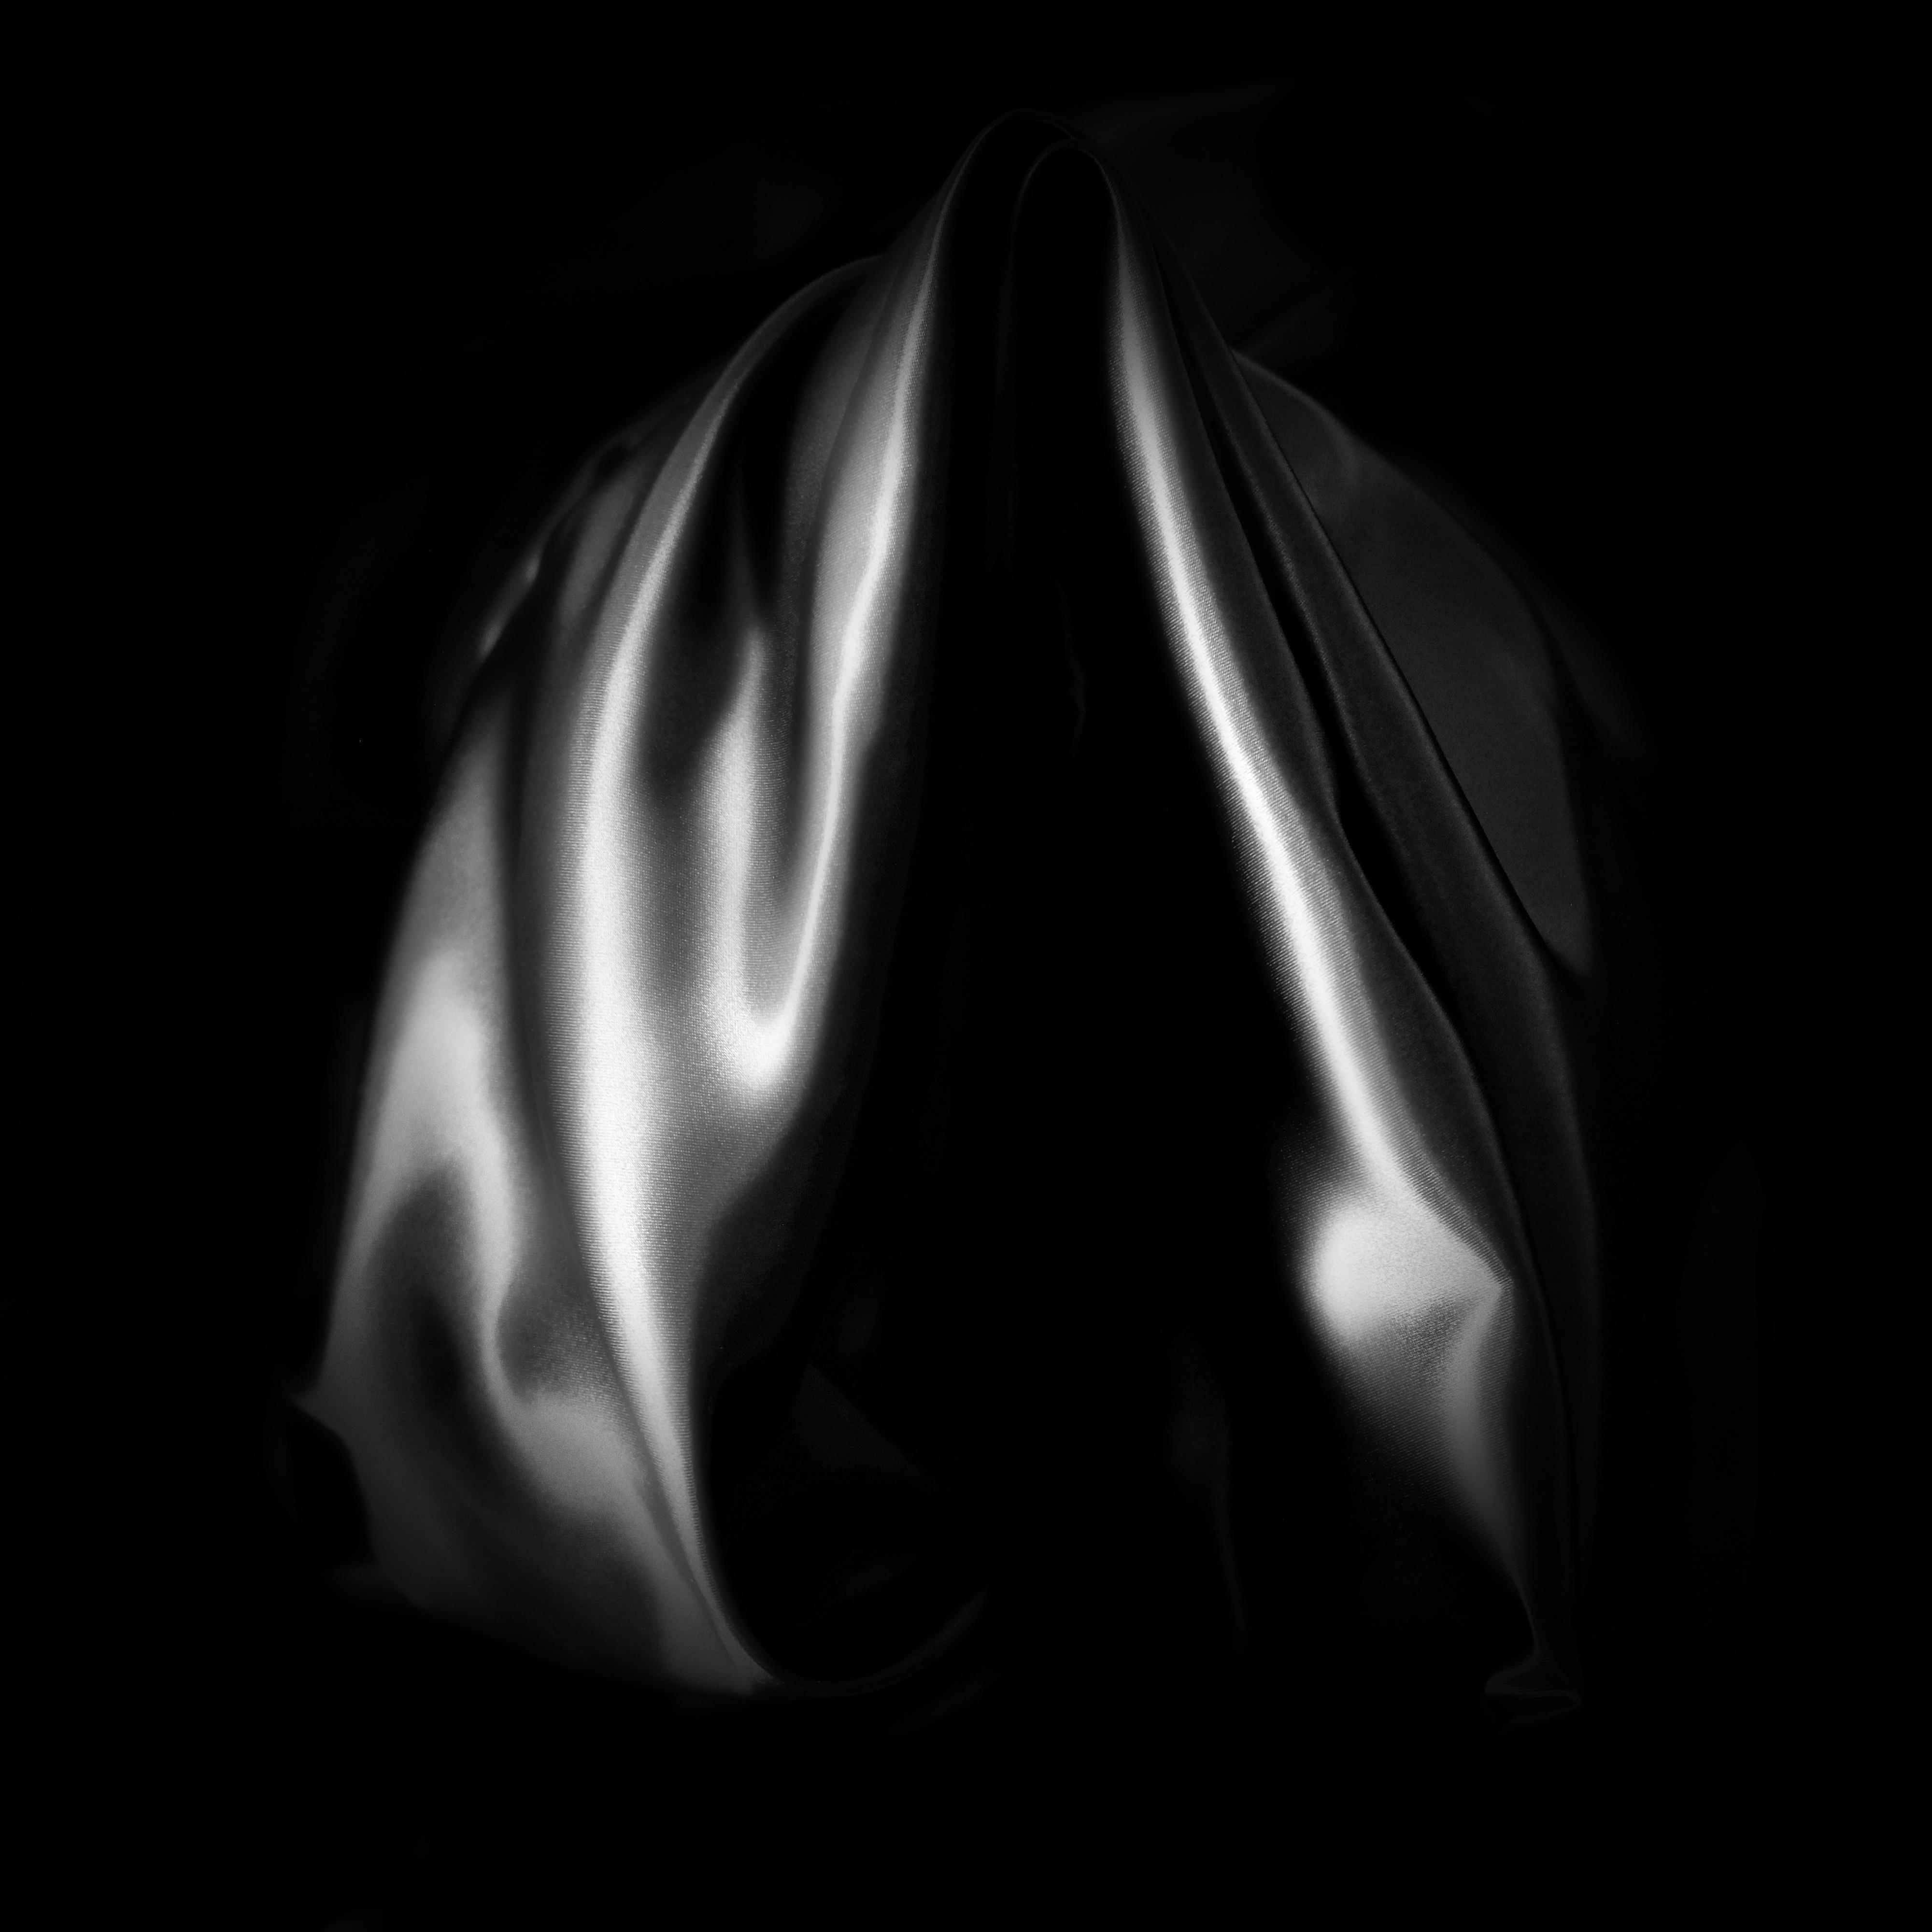 'Perceptions' in mostra alla Galleria Siotto